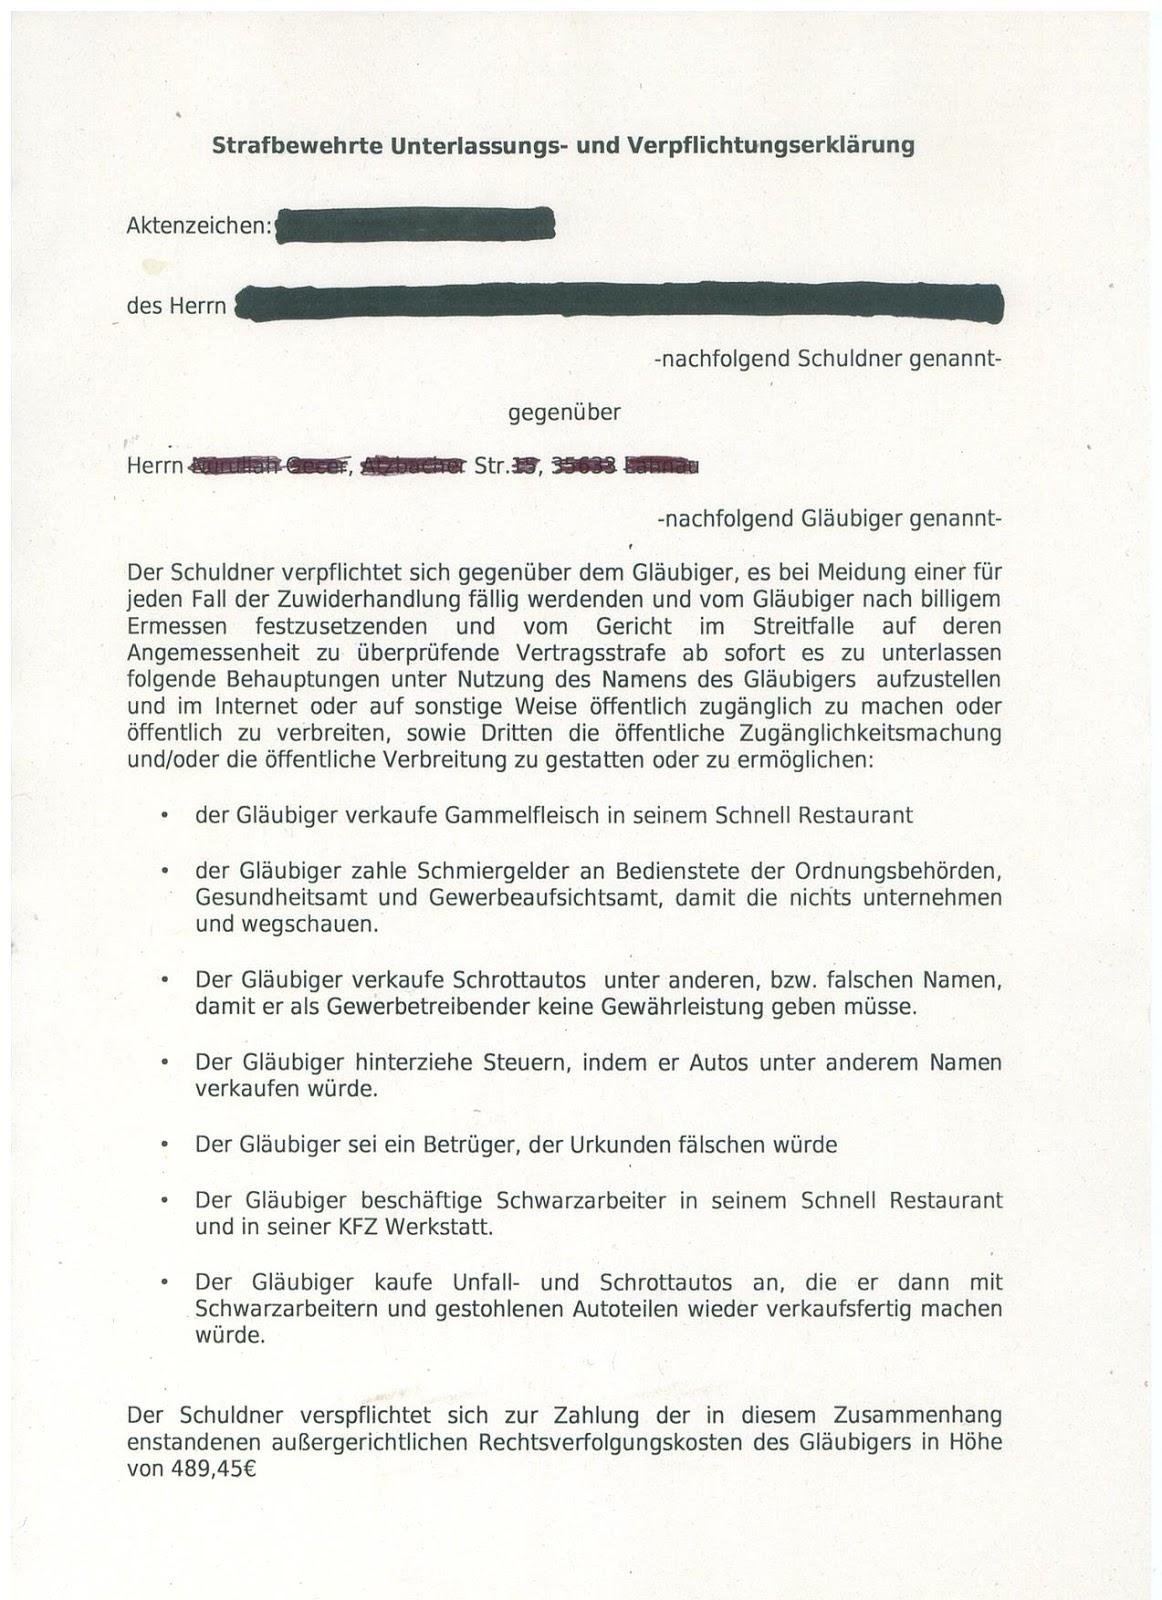 muster einer strafbewehrten unterlassungs erlrung eines rechtsanwalts - Strafbewehrte Unterlassungserklarung Muster